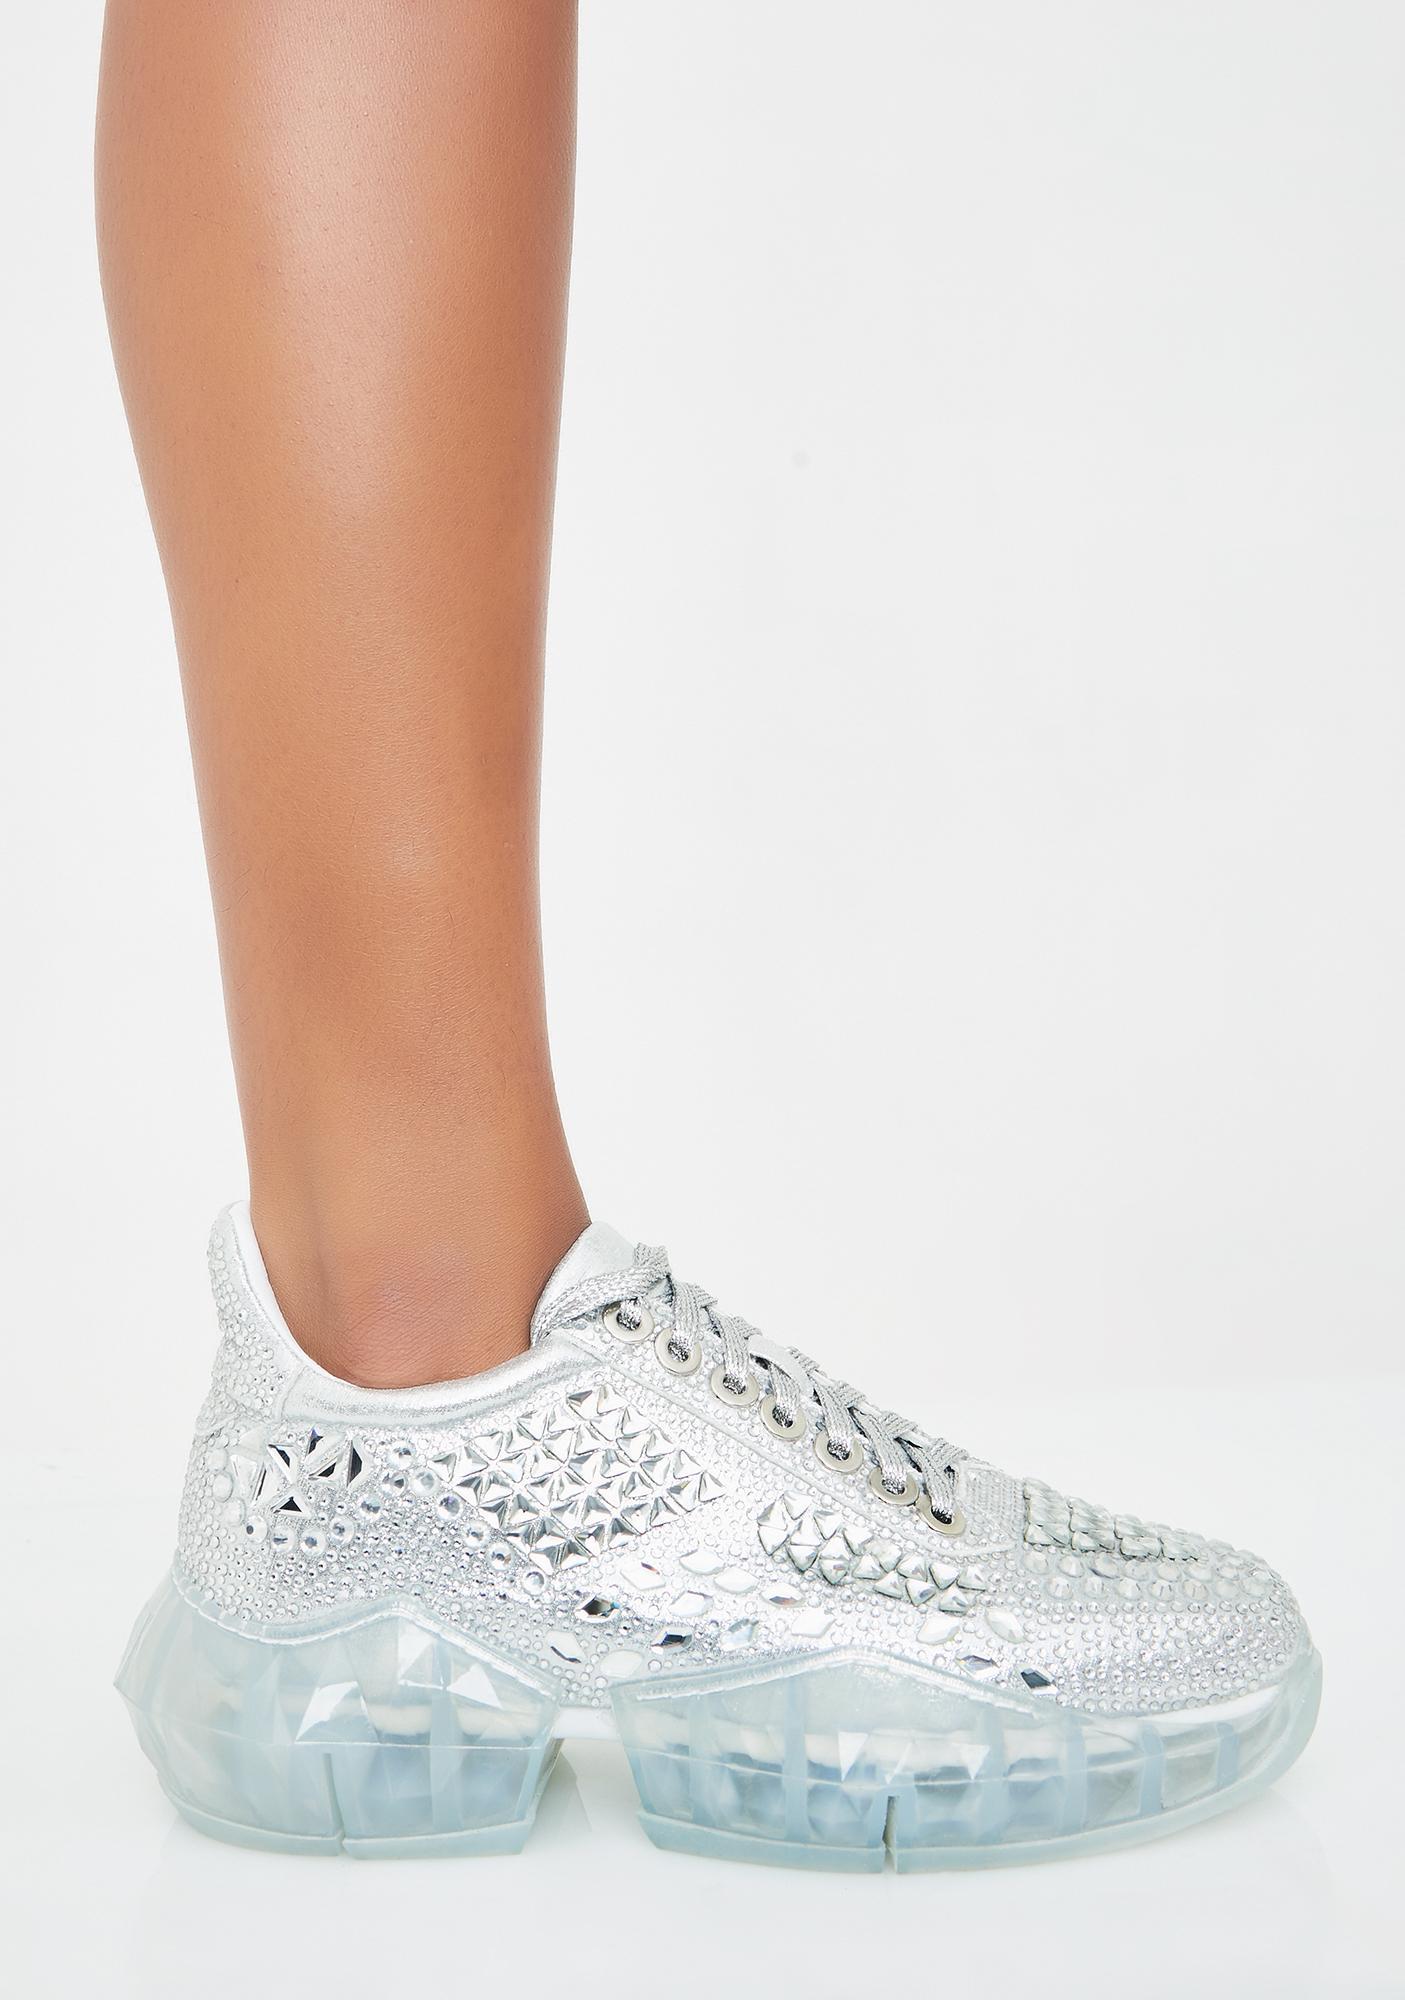 Electo Hype Platform Sneakers